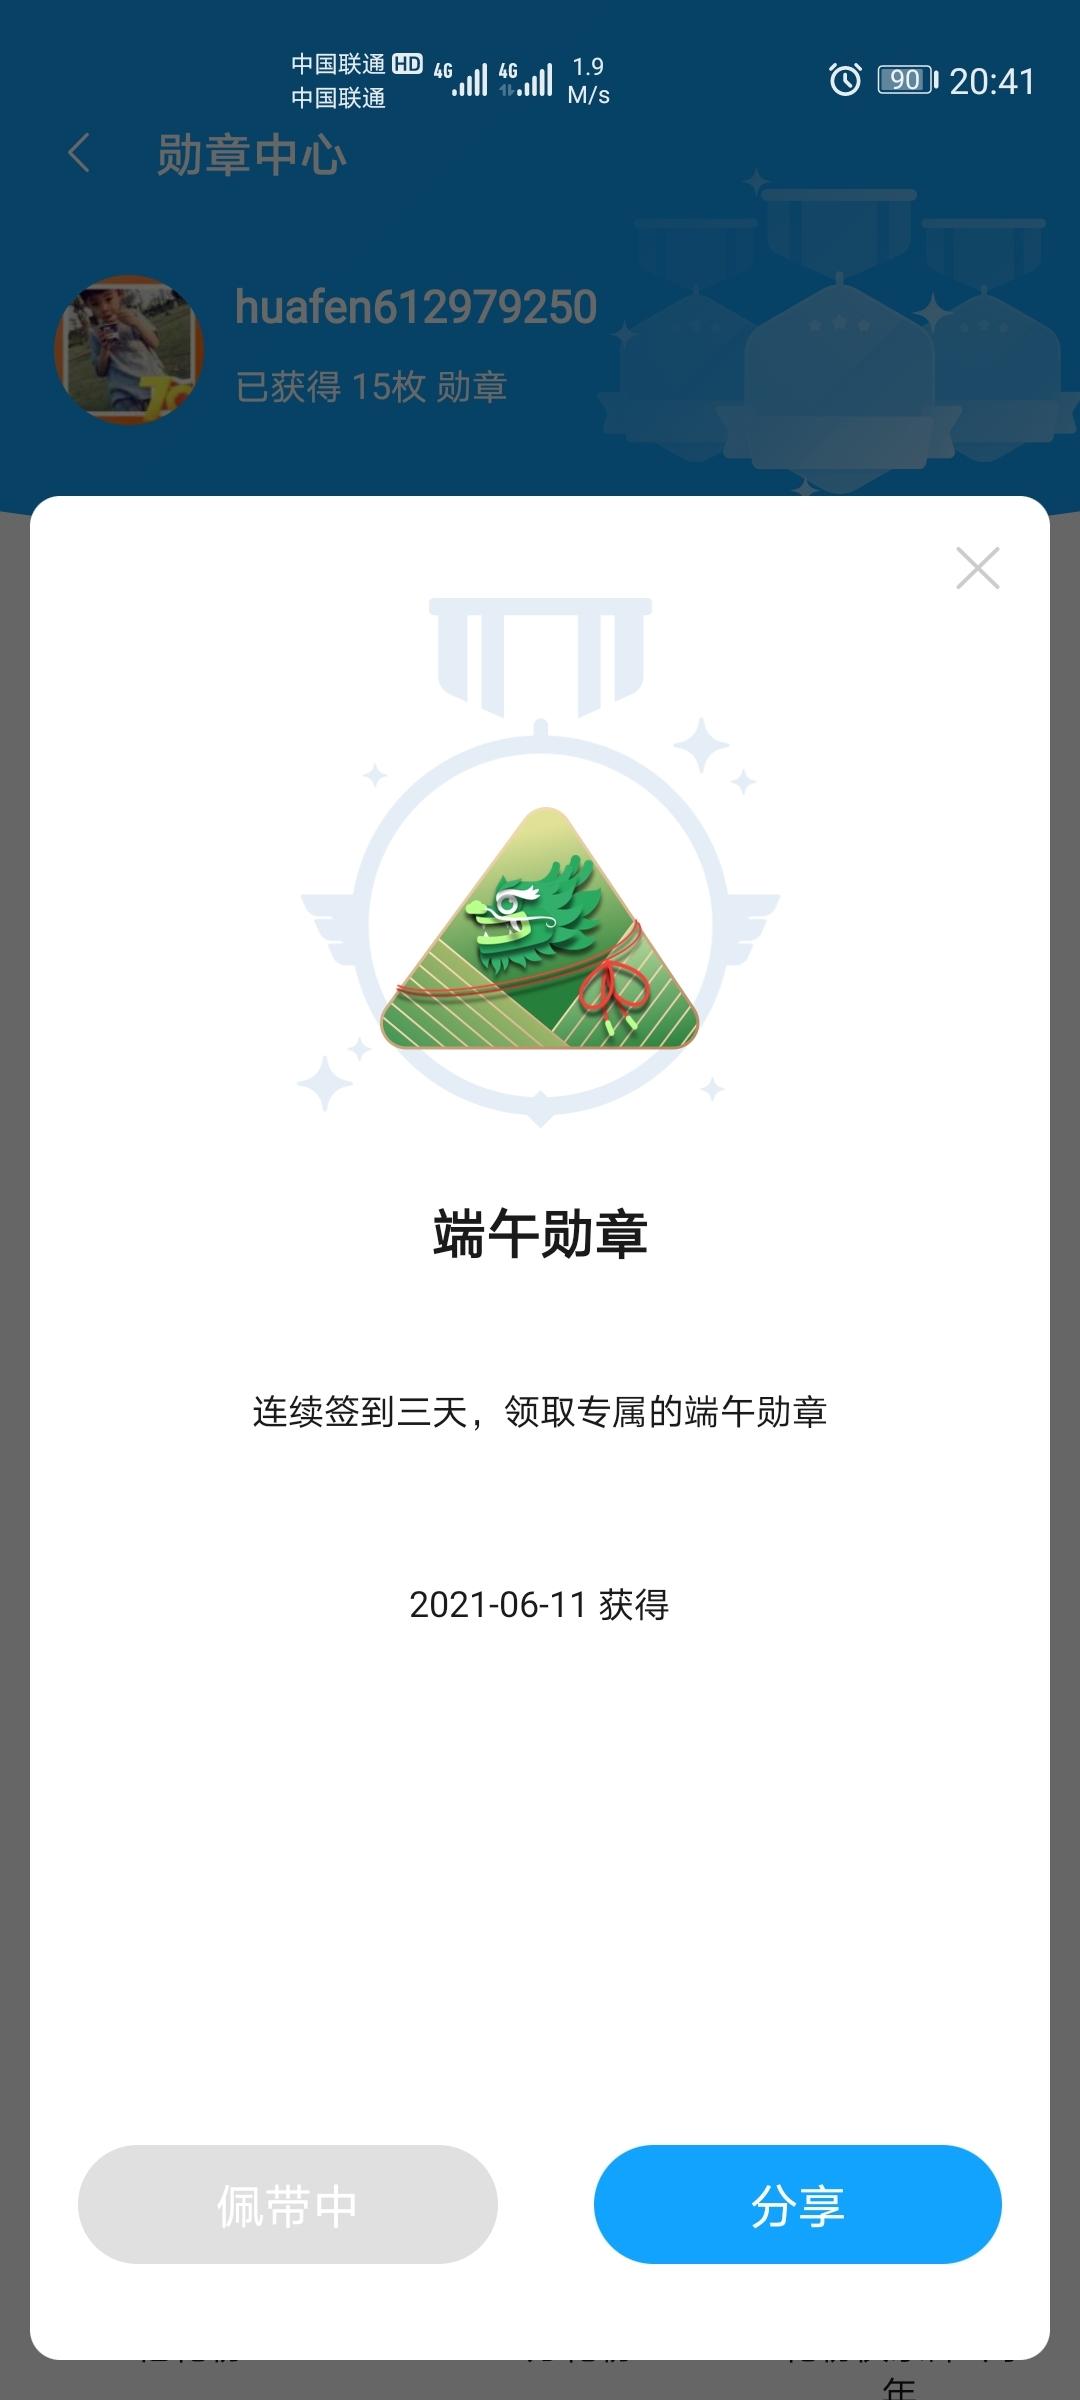 Screenshot_20210611_204139_com.huawei.fans.jpg